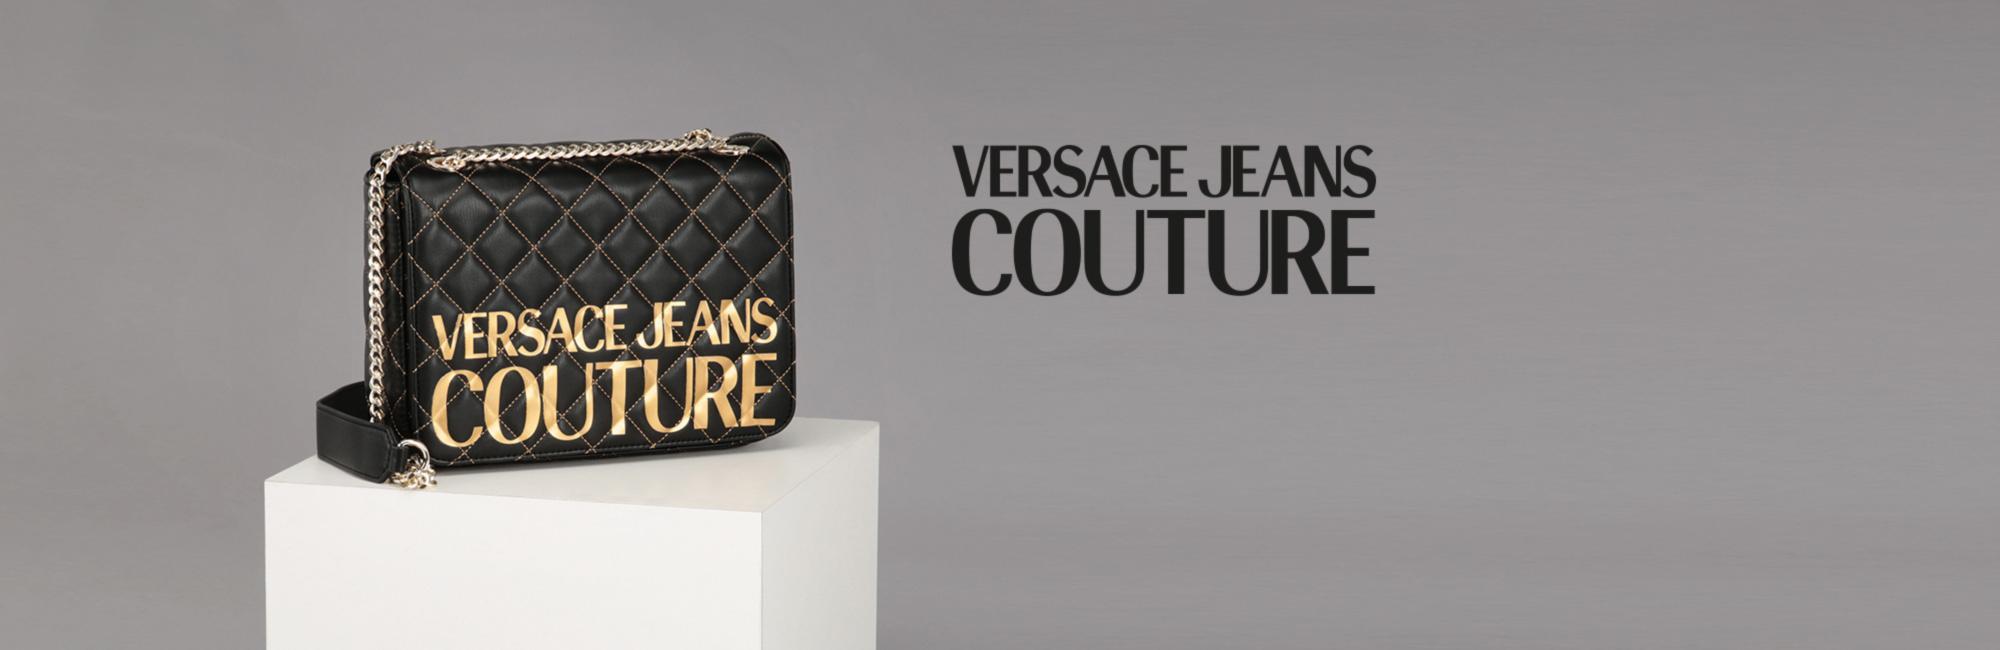 Jeans Versace Compra Couture Sacs Et La Online Portefeuilles¡haz gbfvY76mIy